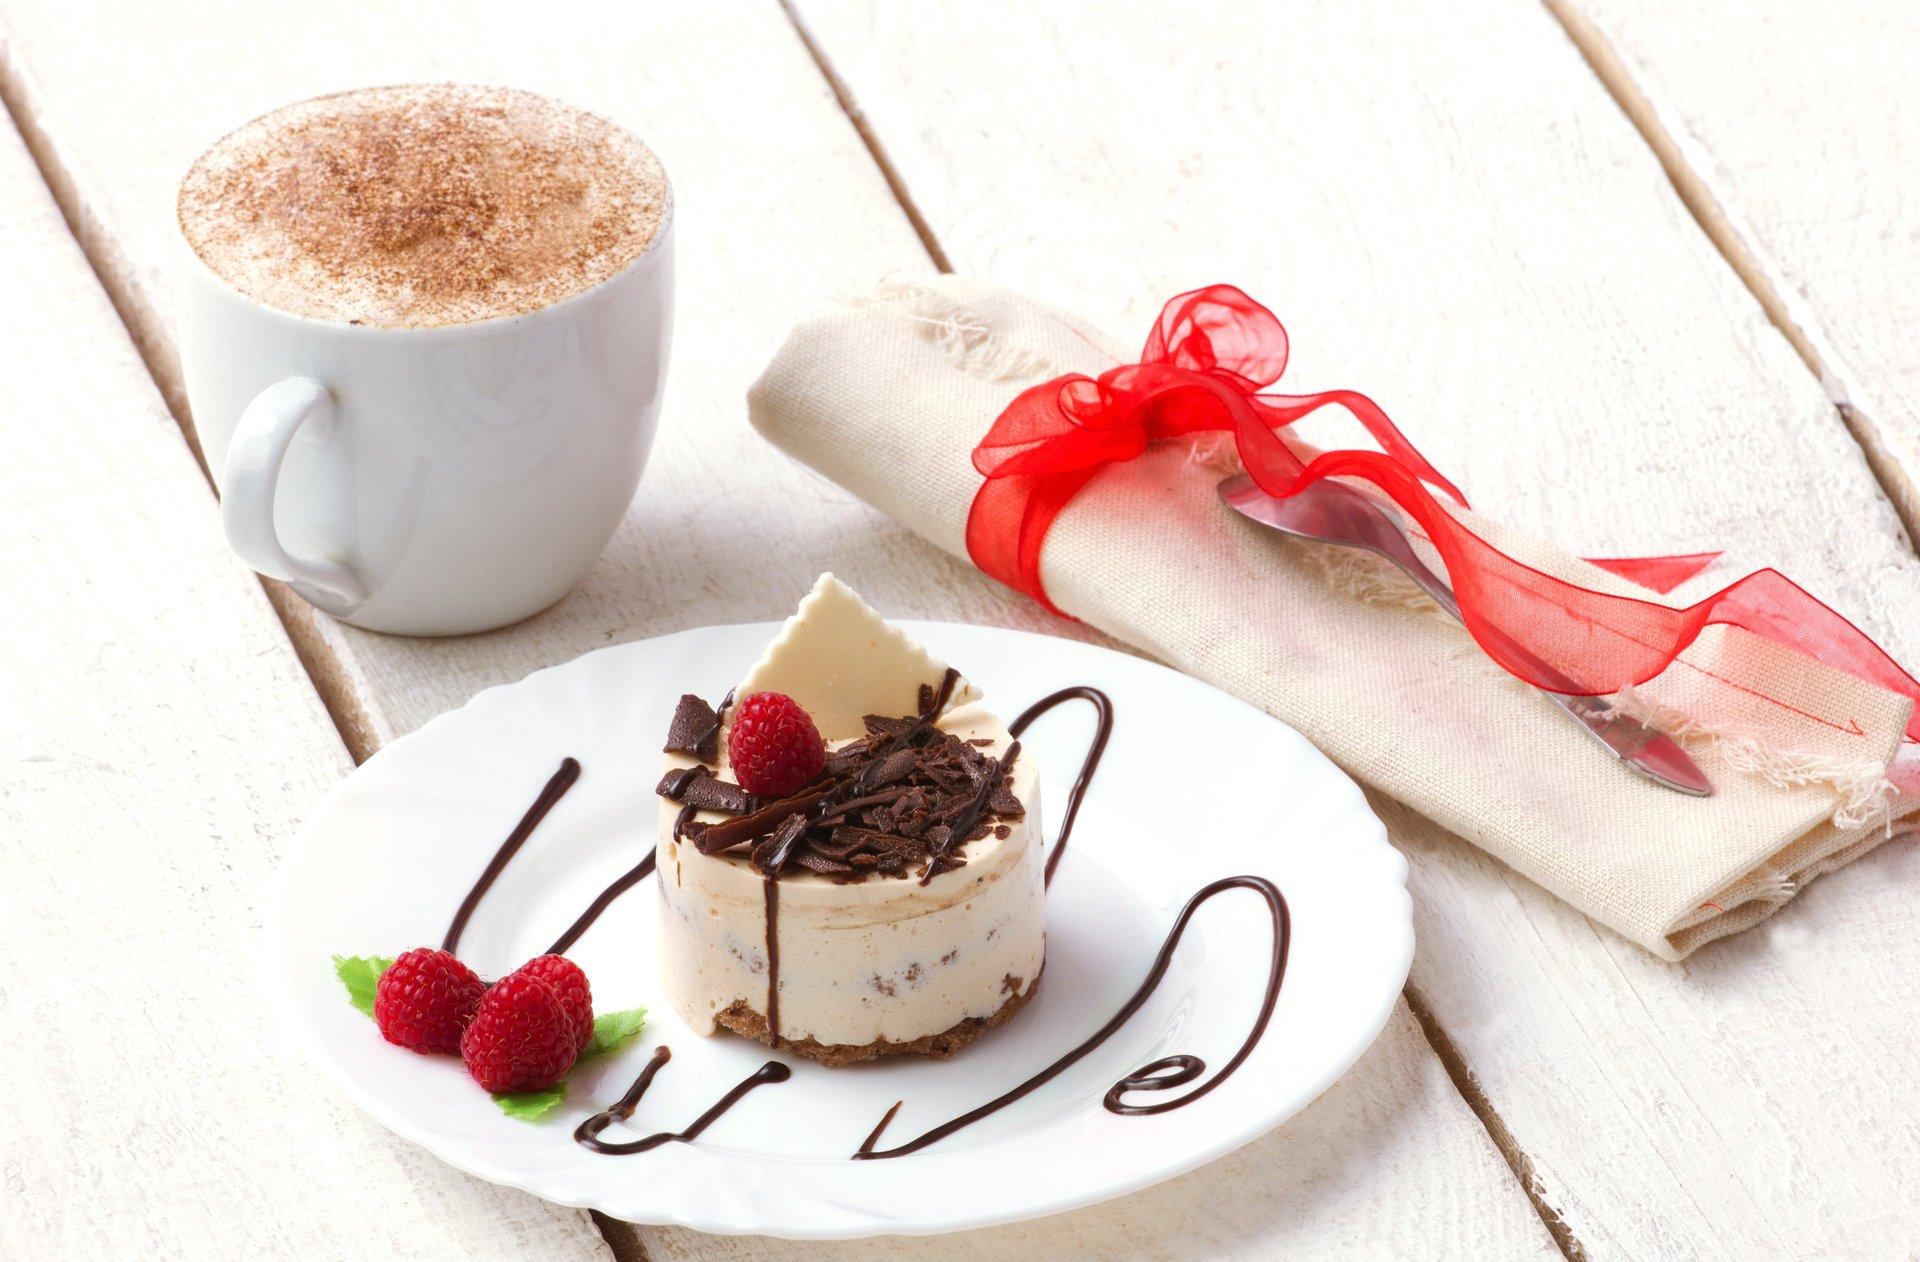 Обезьяны, открытка с пирожными и кофе